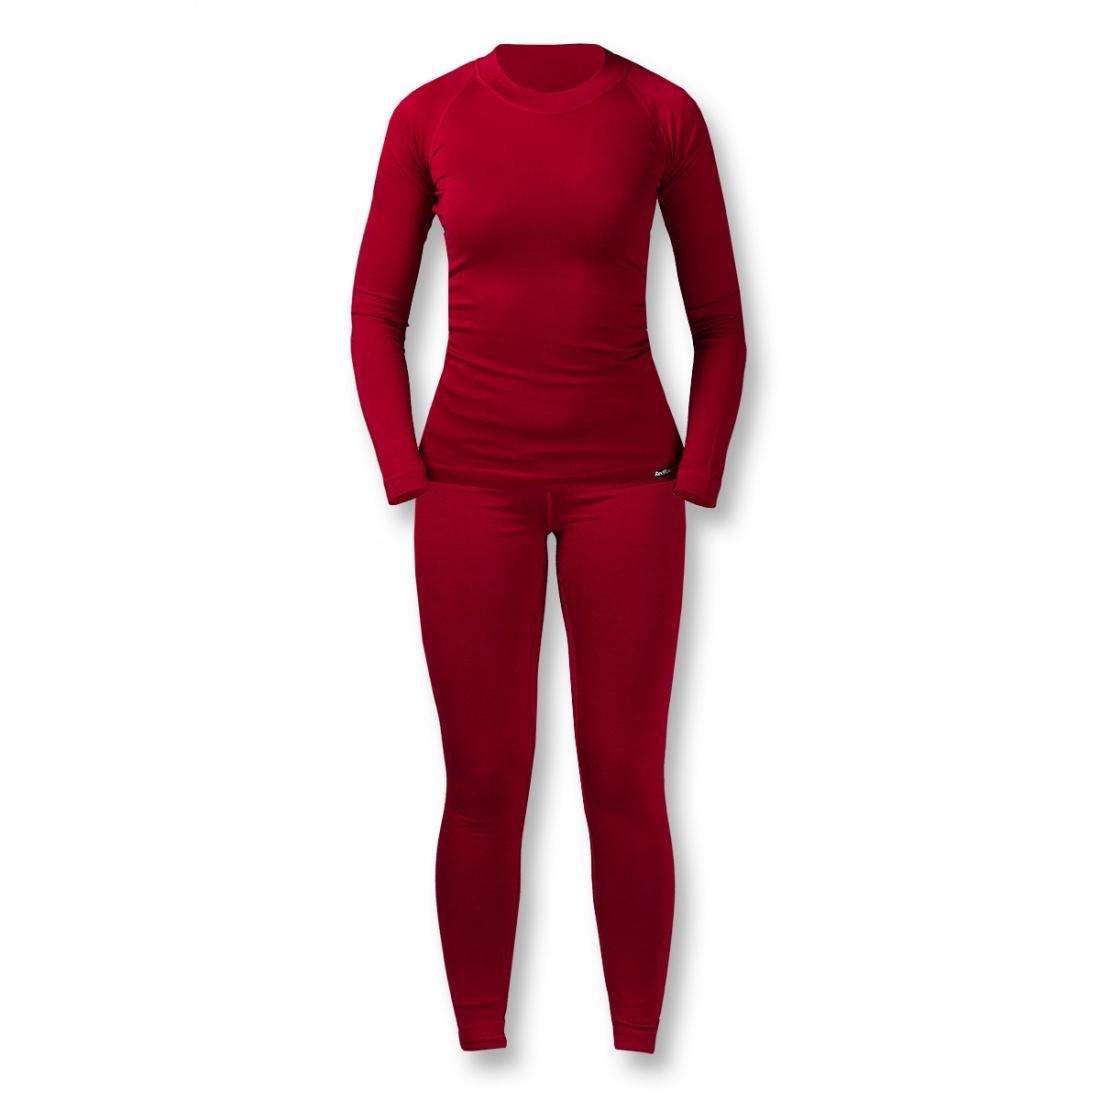 Термобелье костюм Wool Dry Light ЖенскийКомплекты<br><br> Тончайшее термобелье для женщин из мериносовой шерсти: оно достаточно теплое и пуловер можно носить как самостоятельный элемент одежды.В качестве базового слоя костюм прекрасно подходит для занятий спортом в холодную погоду зимой.<br><br><br> Ос...<br><br>Цвет: Темно-красный<br>Размер: 42